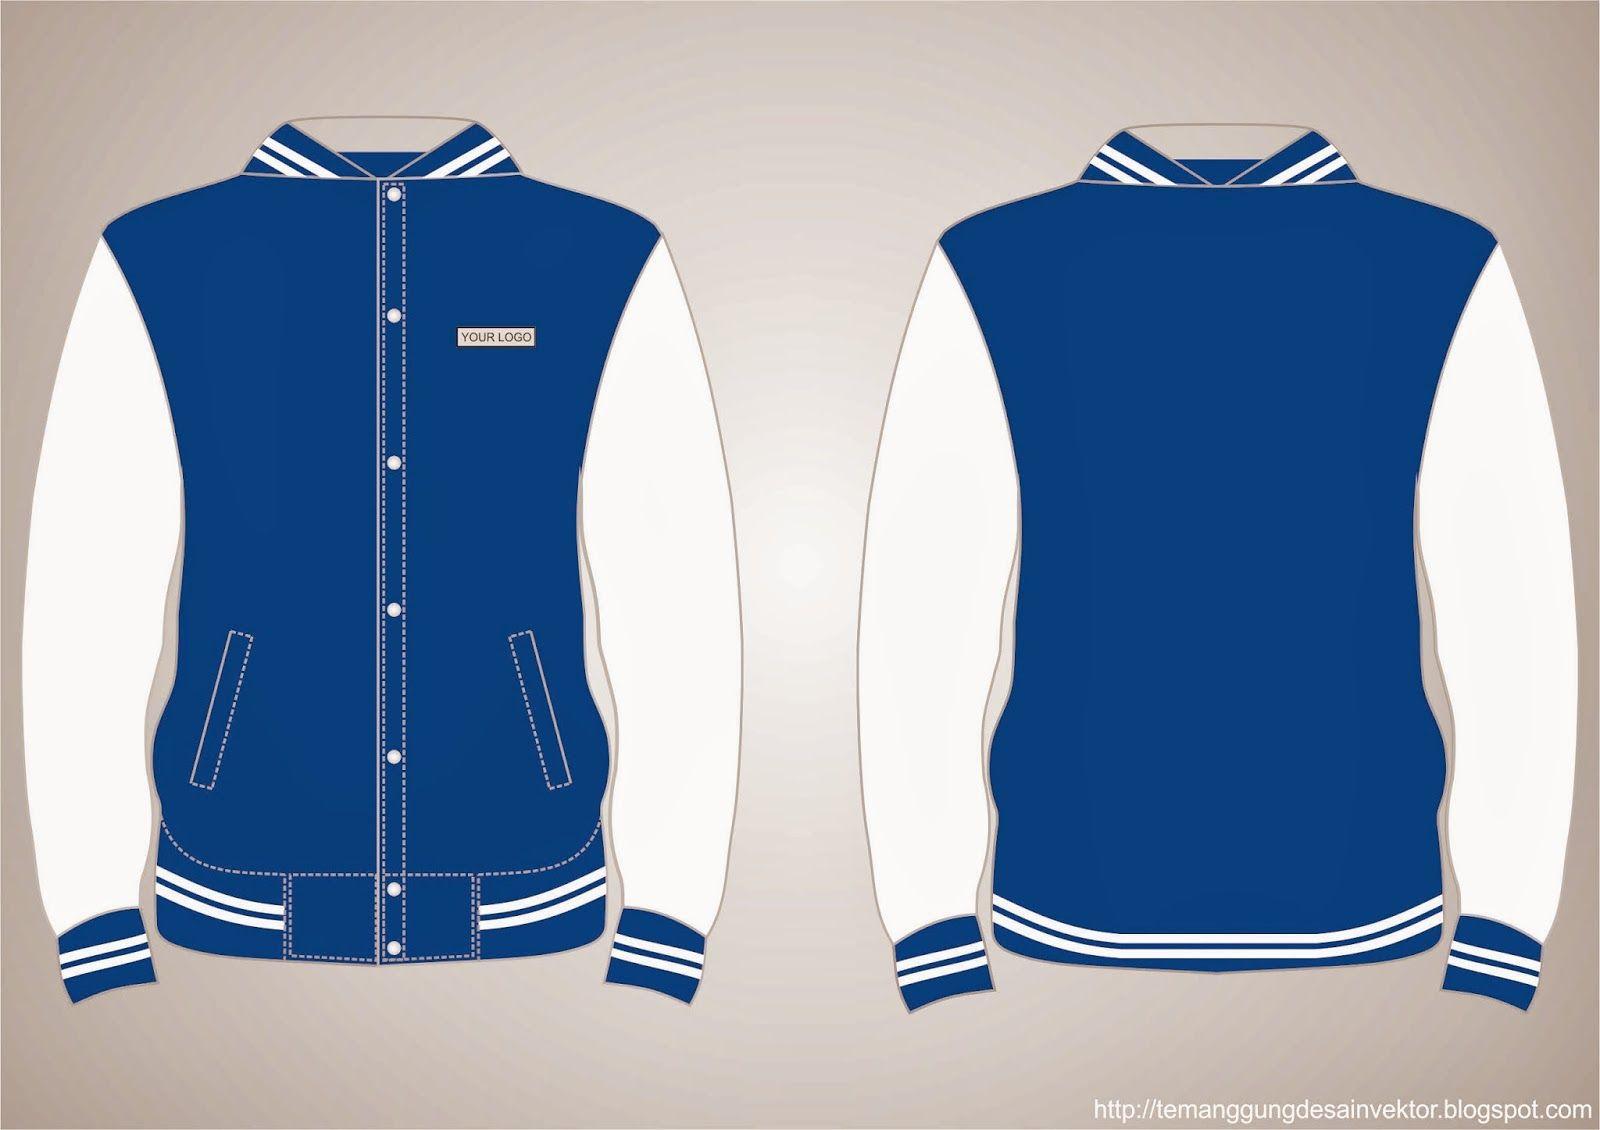 Download Desain Jaket Olahraga Terbaru Baju Olahraga Jaket Baju Olahraga Wanita